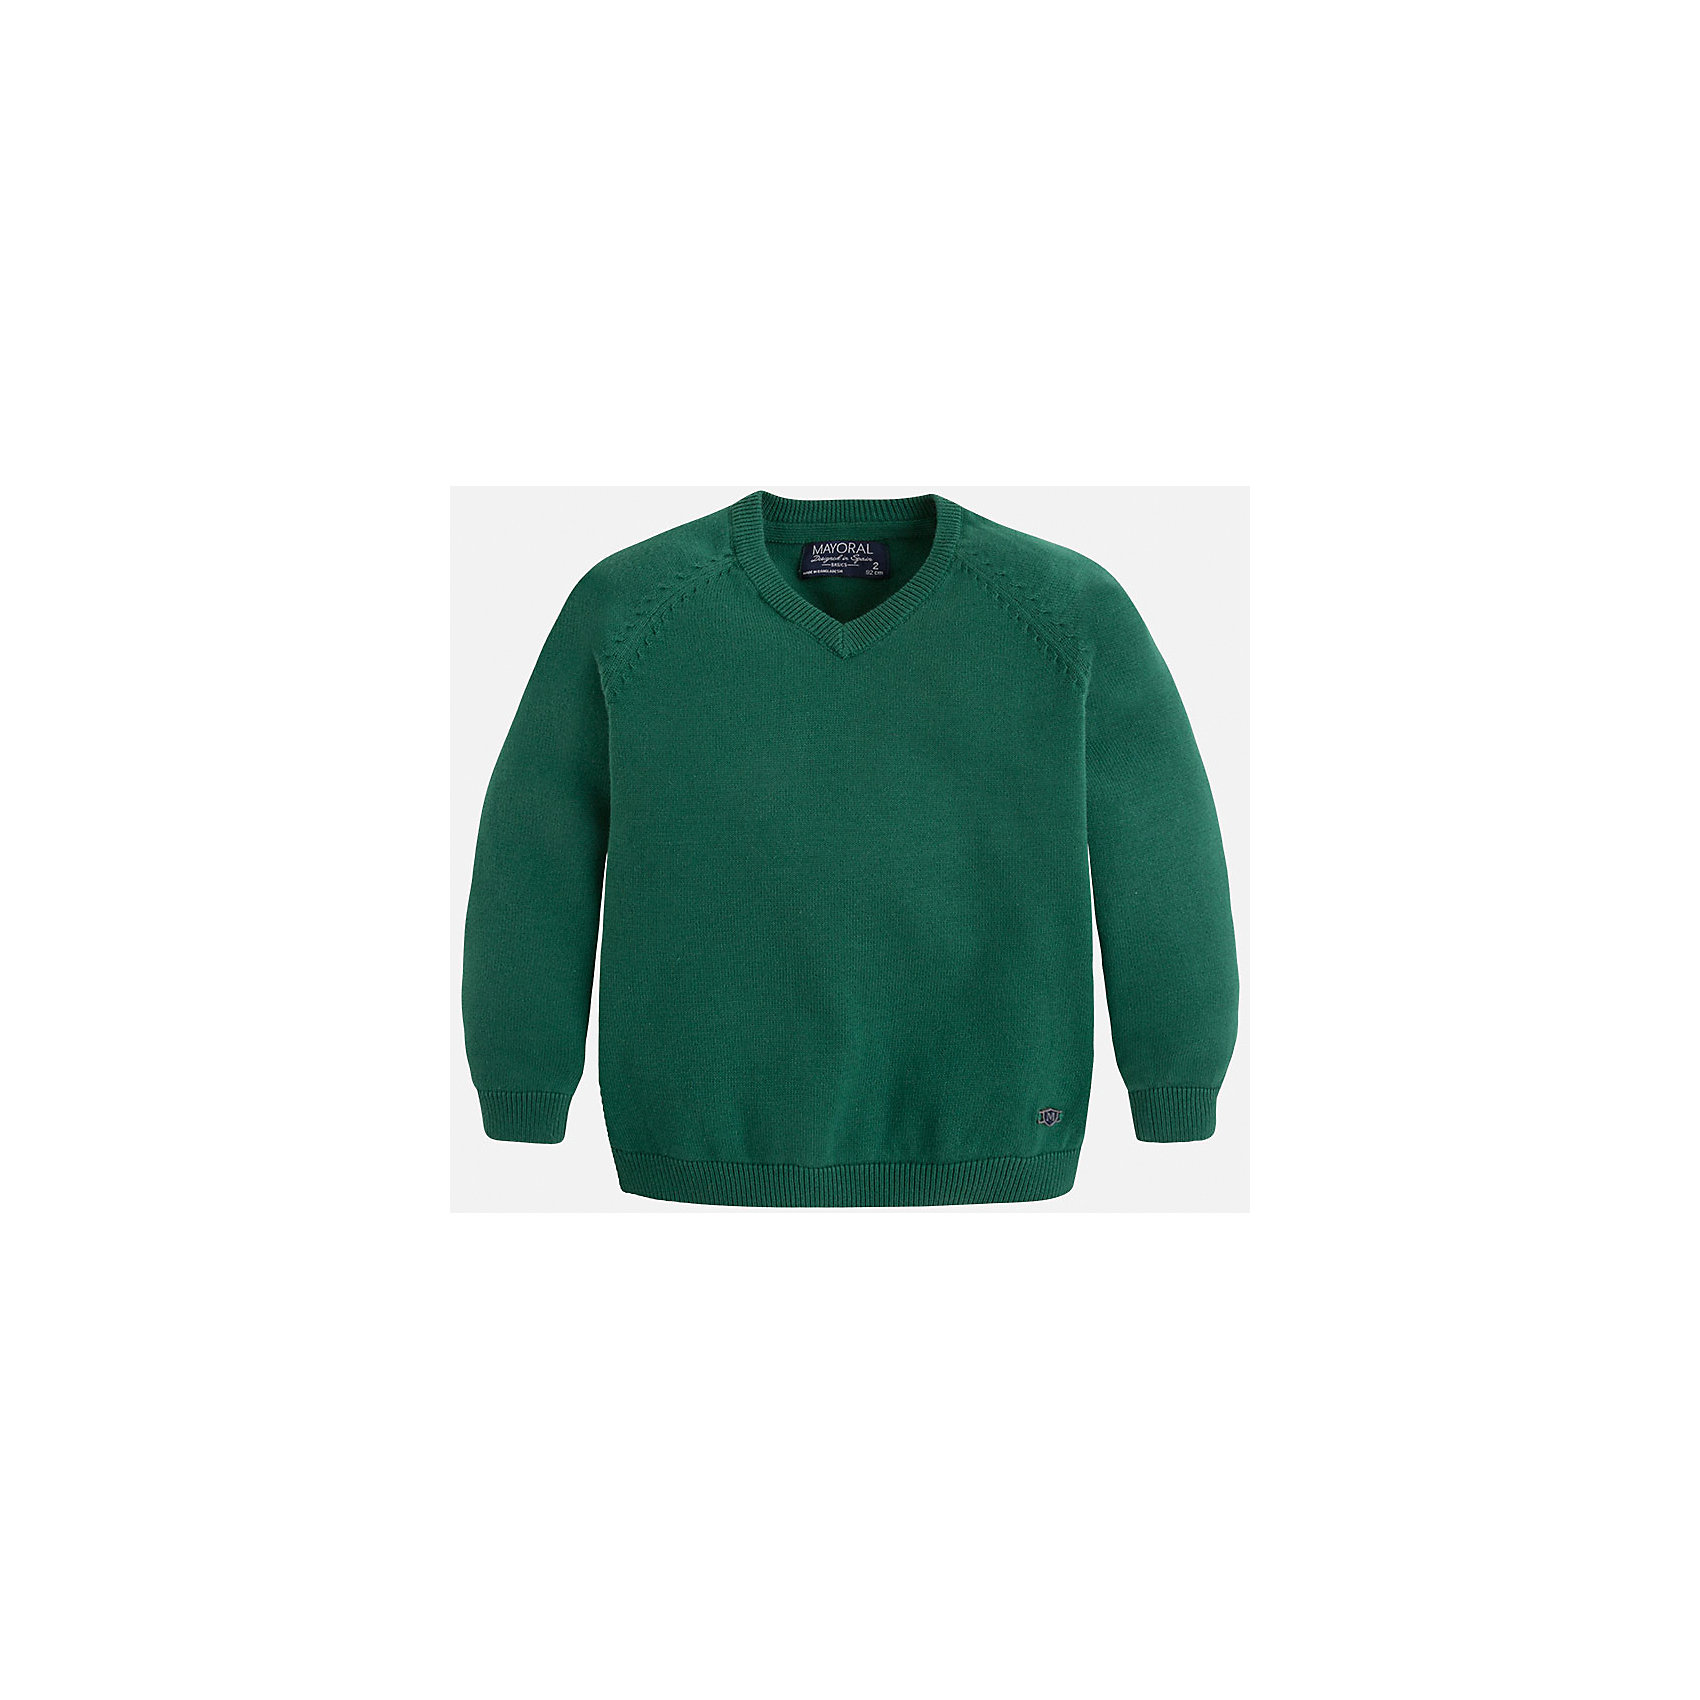 Свитер для мальчика MayoralСвитера и кардиганы<br>Стильный свитер для настоящего джентльмена с V- образным вырезом! У свитера классический крой и красивый вырез, поэтому его можно комбинировать с разными вещими и носить в любой сезон.<br><br>Дополнительная информация:<br><br>- Прямой крой,V- образный вырез. <br>- Страна бренда: Испания.<br>- Состав: хлопок 100%<br>- Цвет: зеленый.<br>- Уход: бережная стирка при 30 градусах.<br><br>Купить свитер для мальчика Mayoral можно в нашем магазине.<br><br>Ширина мм: 190<br>Глубина мм: 74<br>Высота мм: 229<br>Вес г: 236<br>Цвет: зеленый<br>Возраст от месяцев: 96<br>Возраст до месяцев: 108<br>Пол: Мужской<br>Возраст: Детский<br>Размер: 128,110,104,98,116,122,134<br>SKU: 4821703